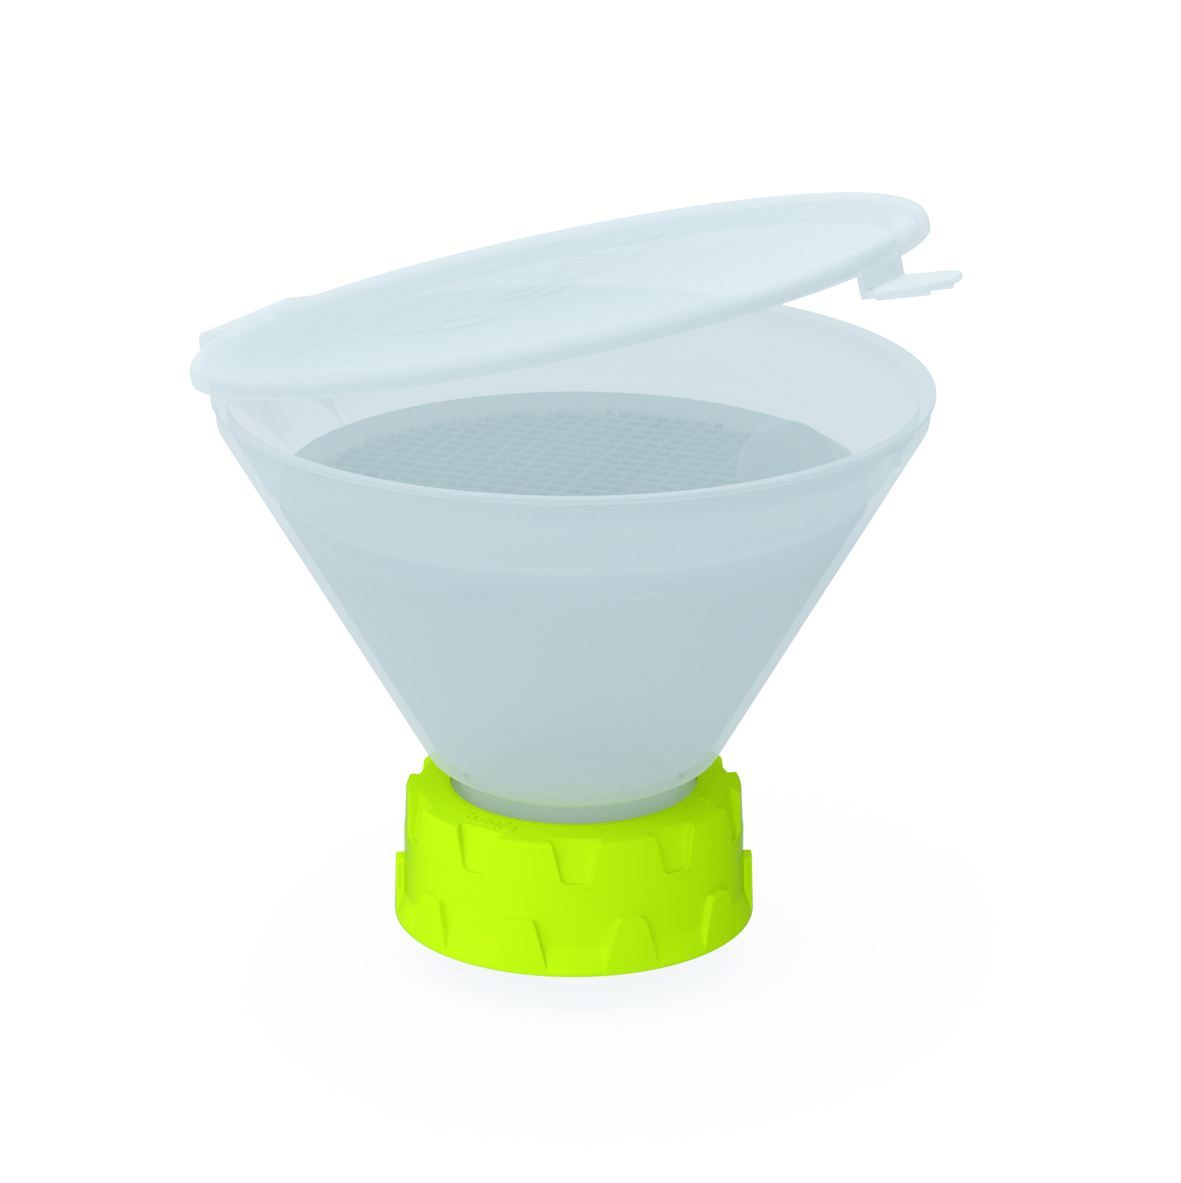 Trichter 130  Trichter aus PE bzw. ableitfähigem PE-EX zur Entsorgung von flüssigen Abfällen. Mit der frei dre